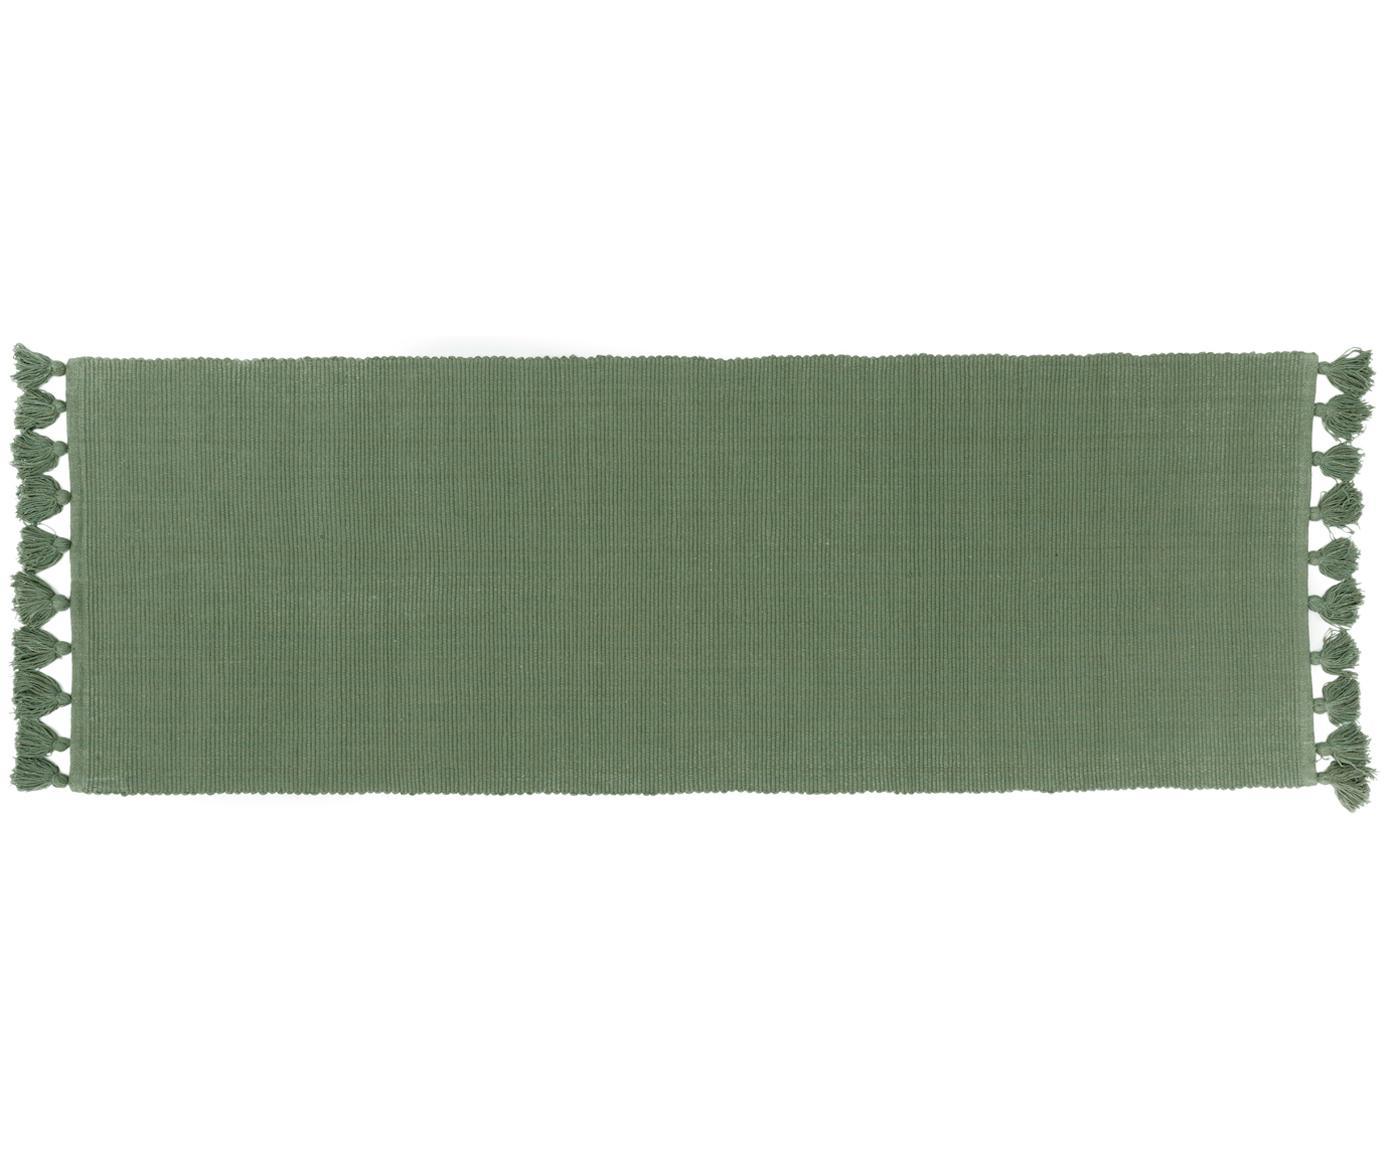 Alfombra con borlas Homer, Algodón, Verde profundo, An 70 x L 216 cm